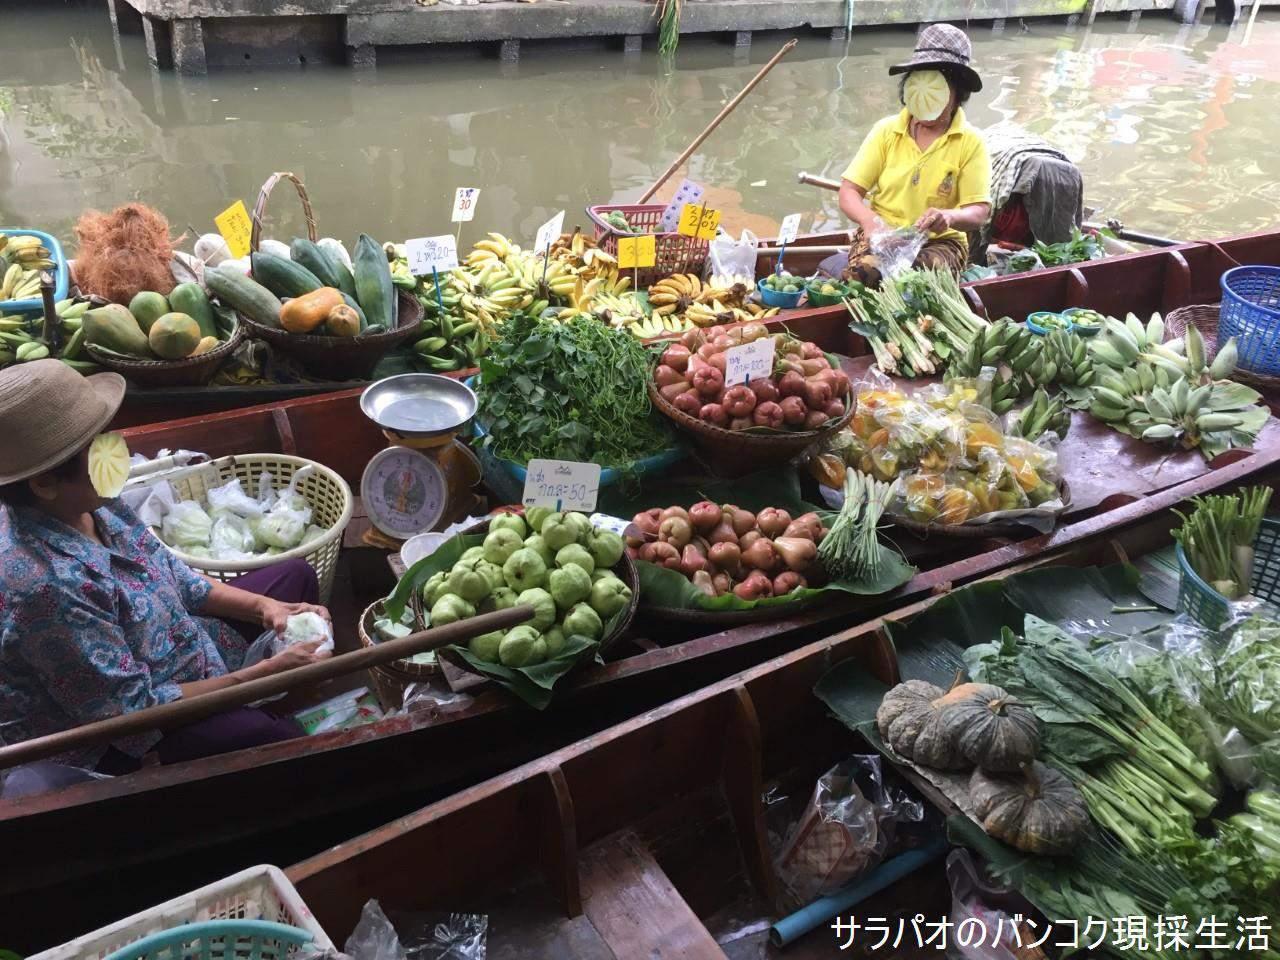 KhlongLatMaYomFloatingMarket_31.jpg